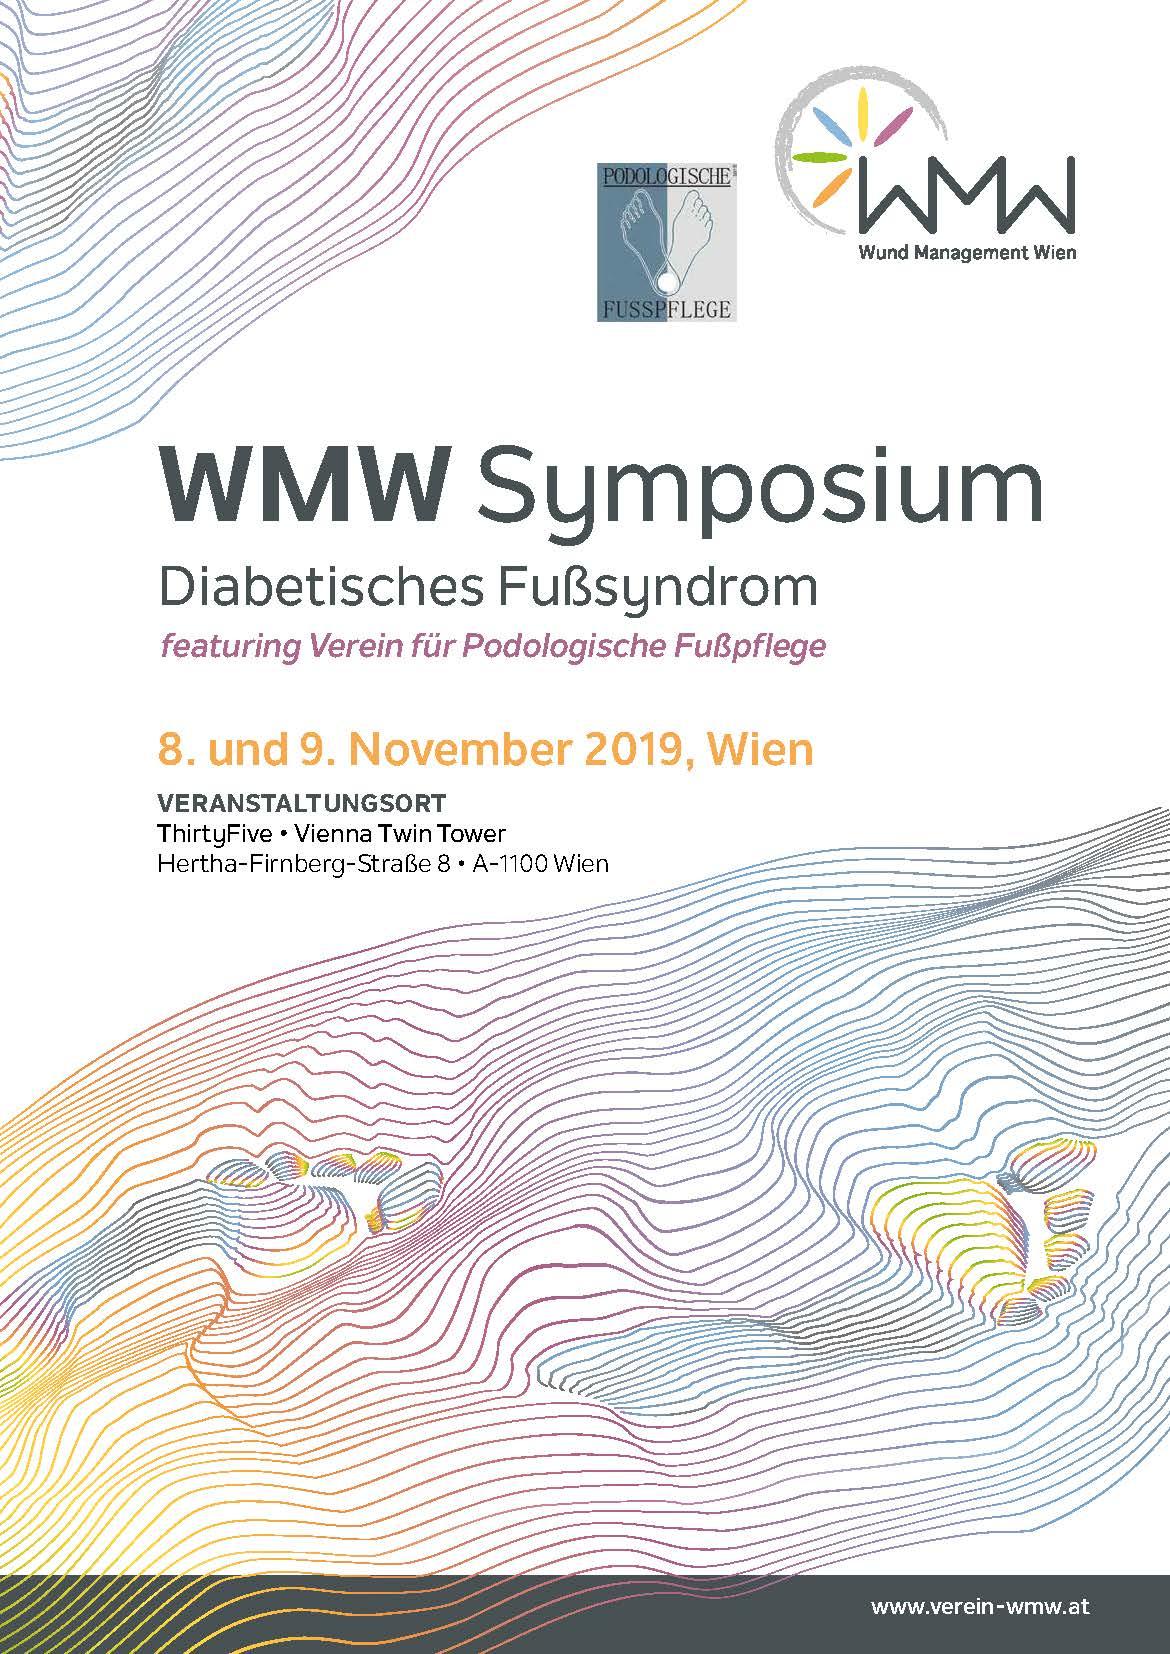 WMW Symposium DFS, featuring Verein für Podologische Fußpflege